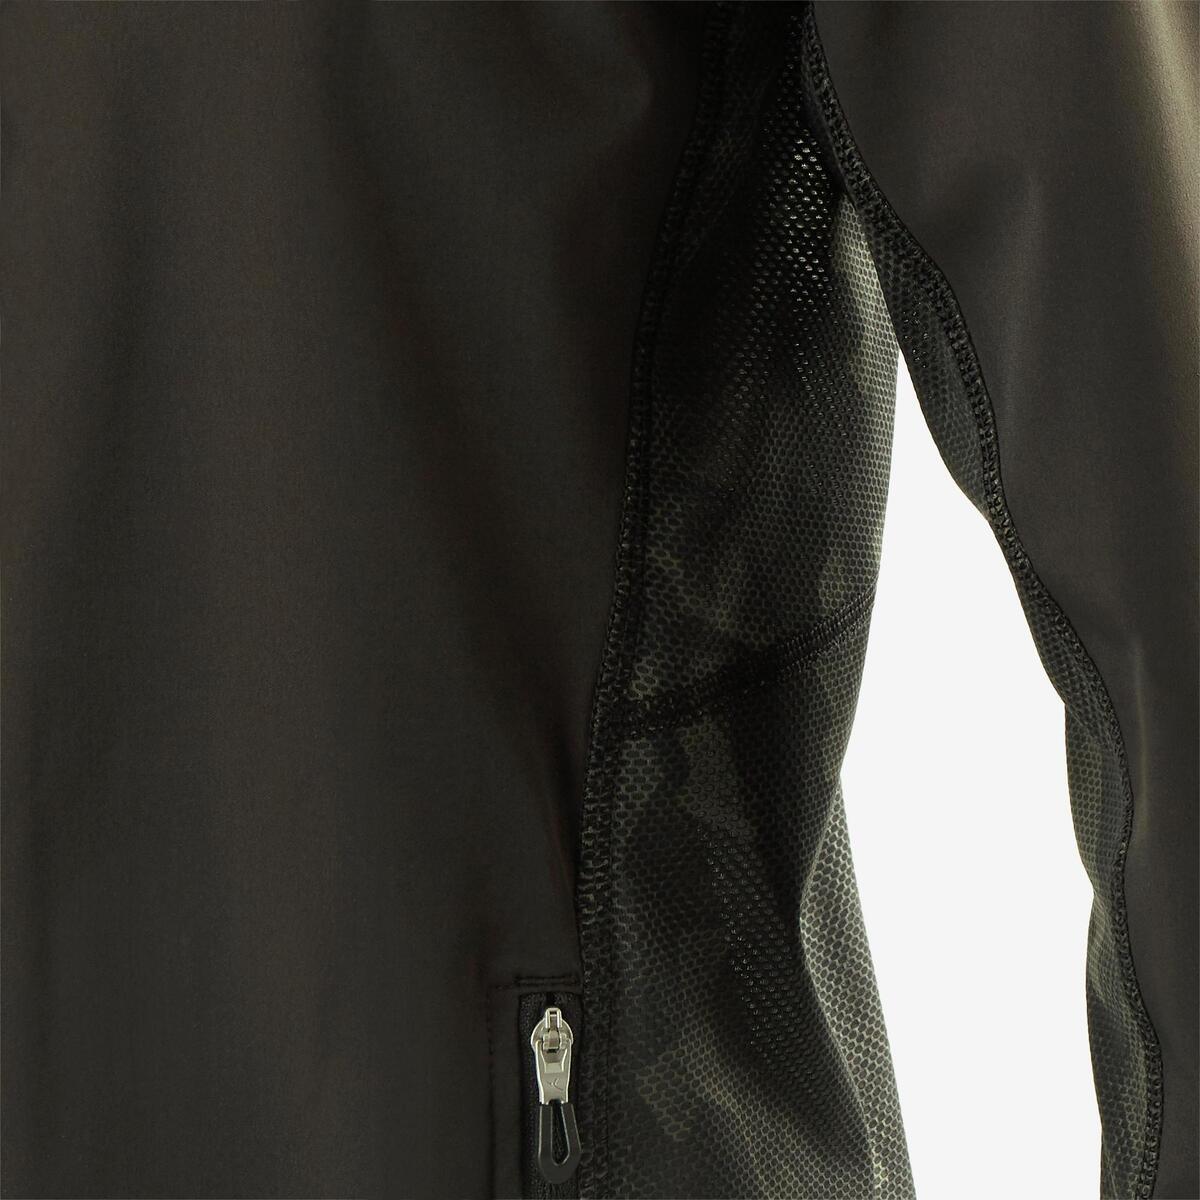 Bild 5 von Trainingsjacke leicht atmungsaktiv S900 Gym Kinder schwarz/kaki